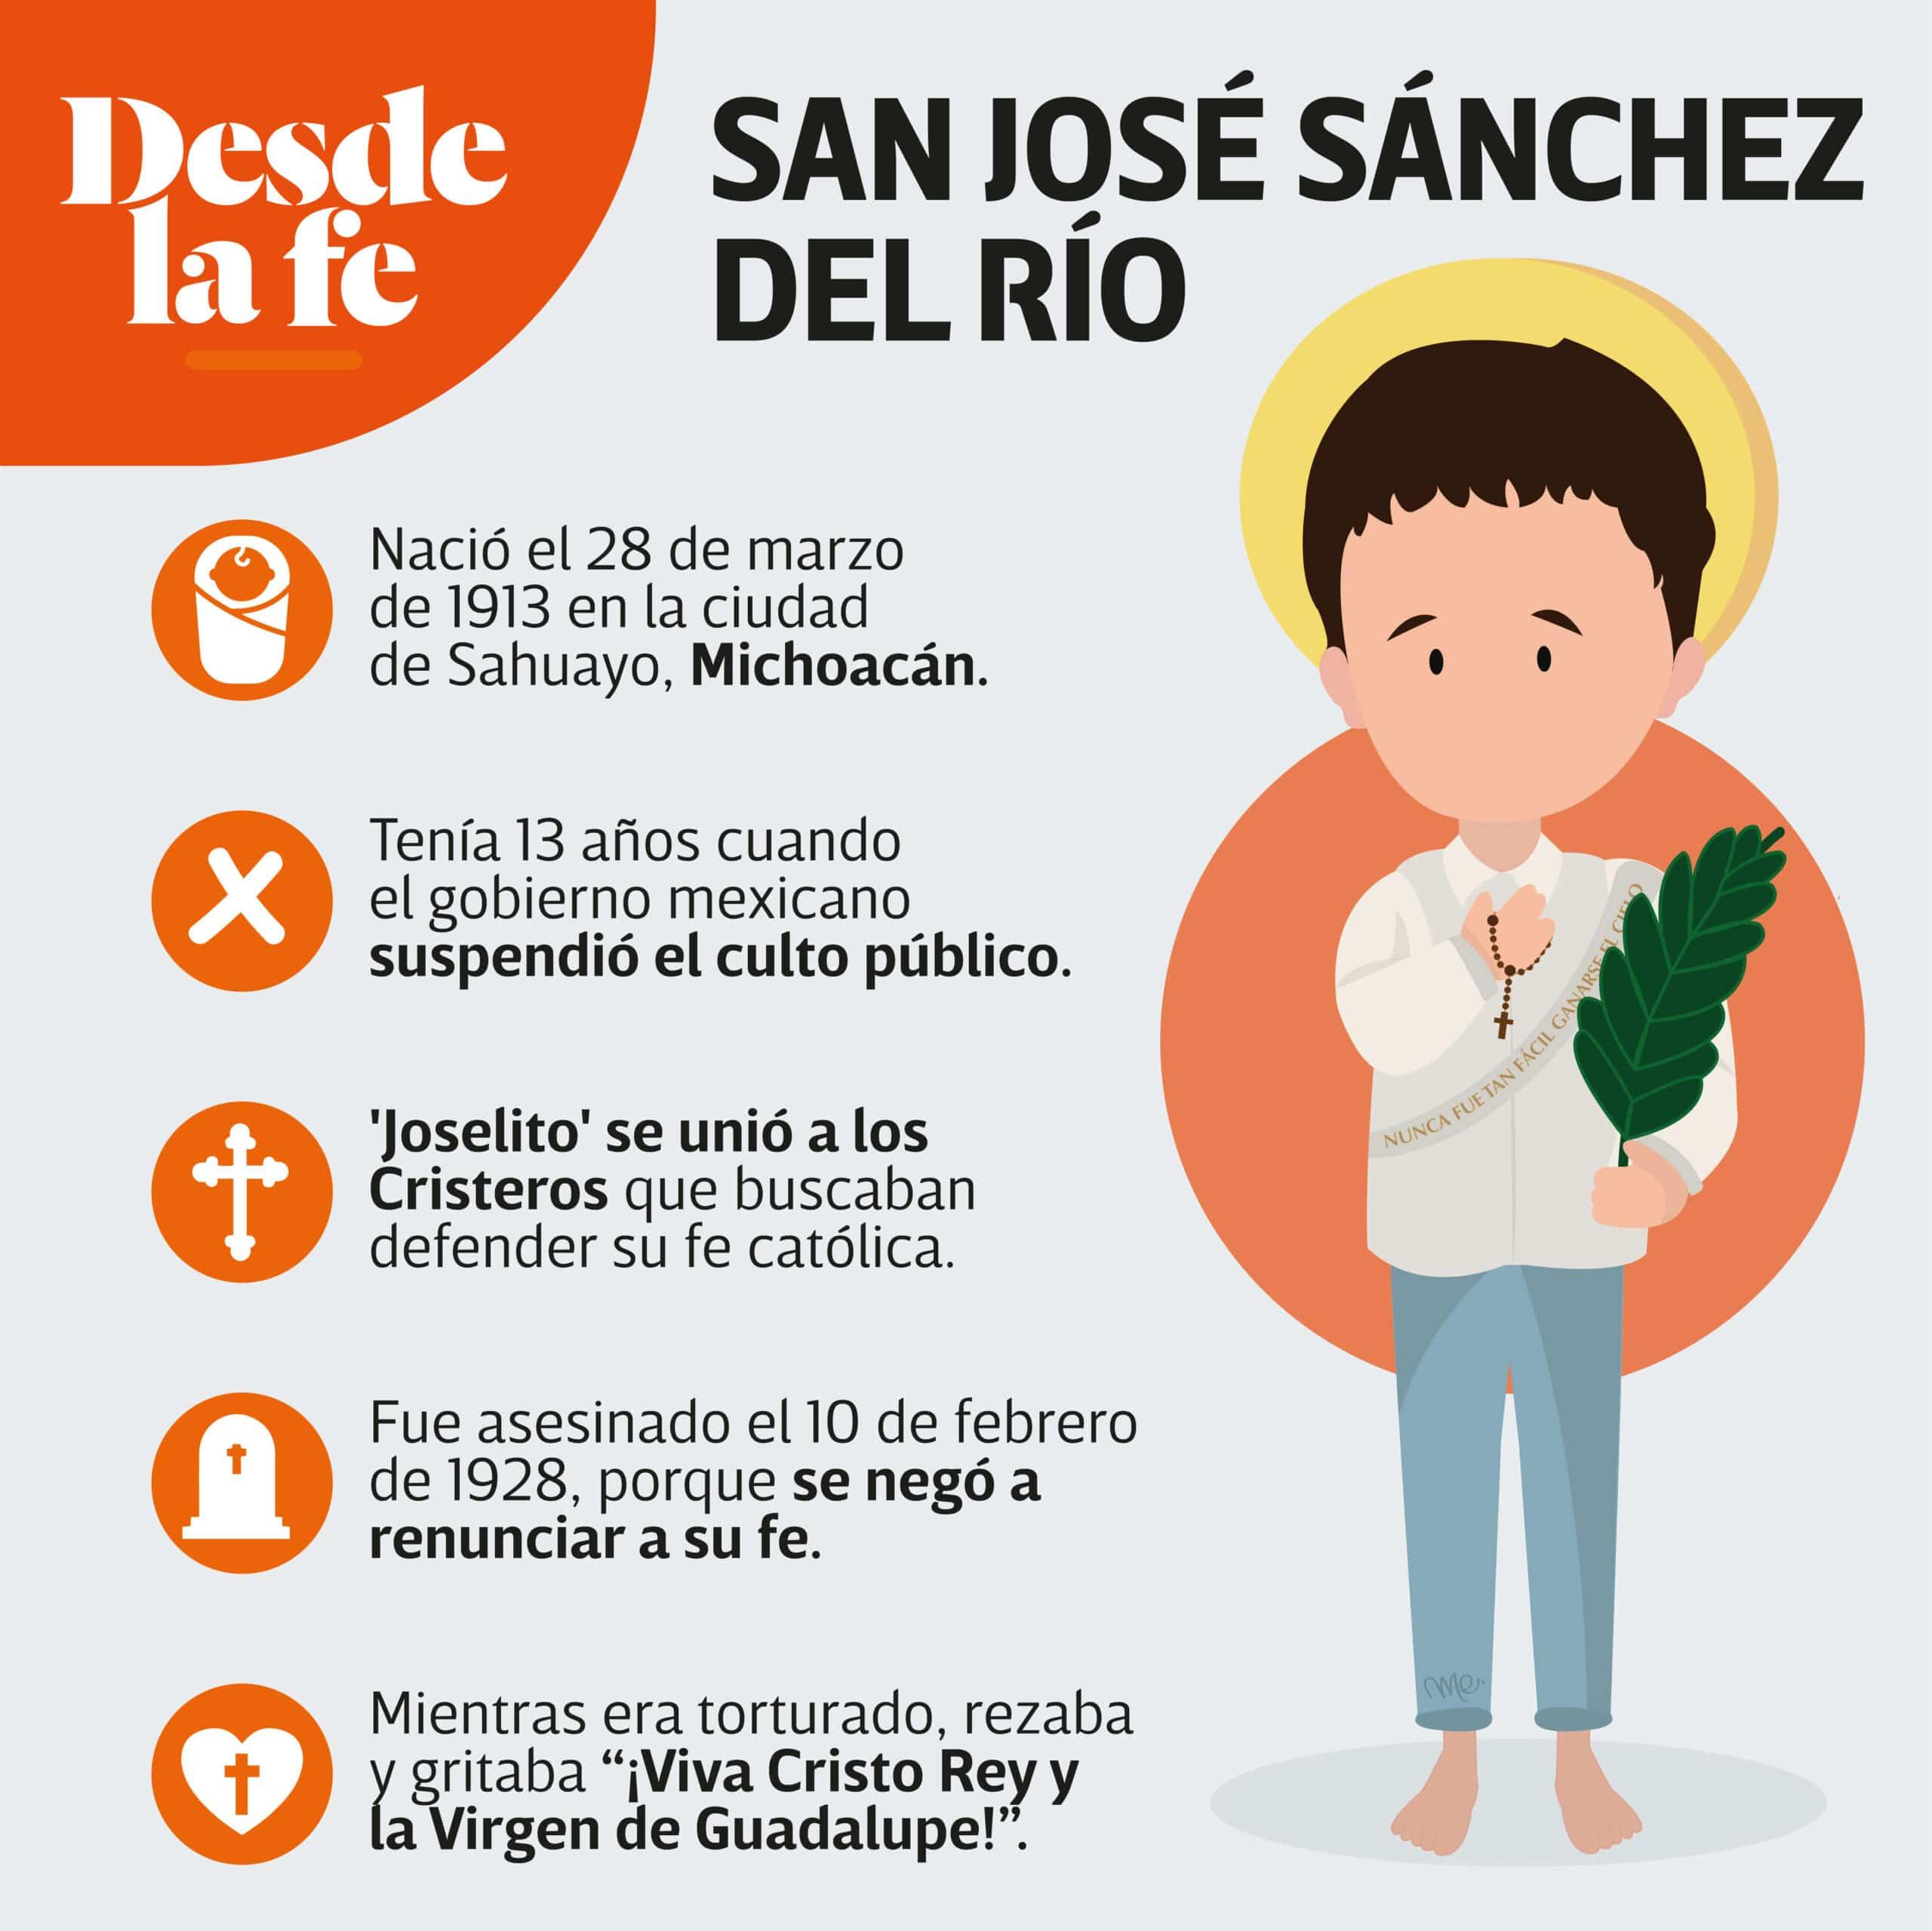 San José Sánchez del Río murió defendiendo su fe católica.